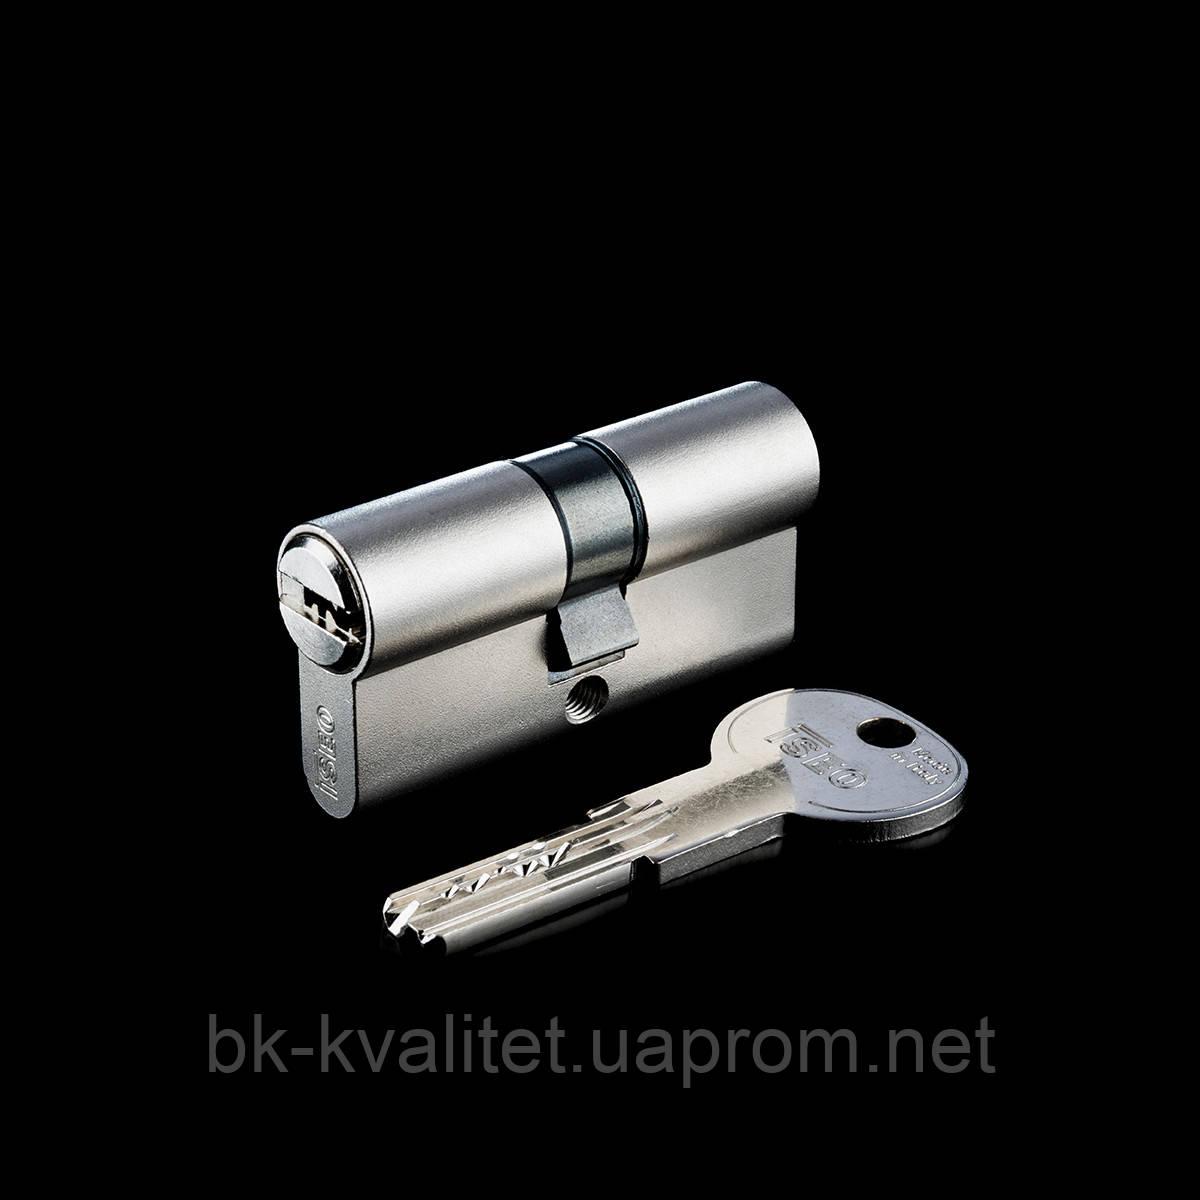 Цилиндр ISEO R6 90 (45х45) ключ/ключ, никель